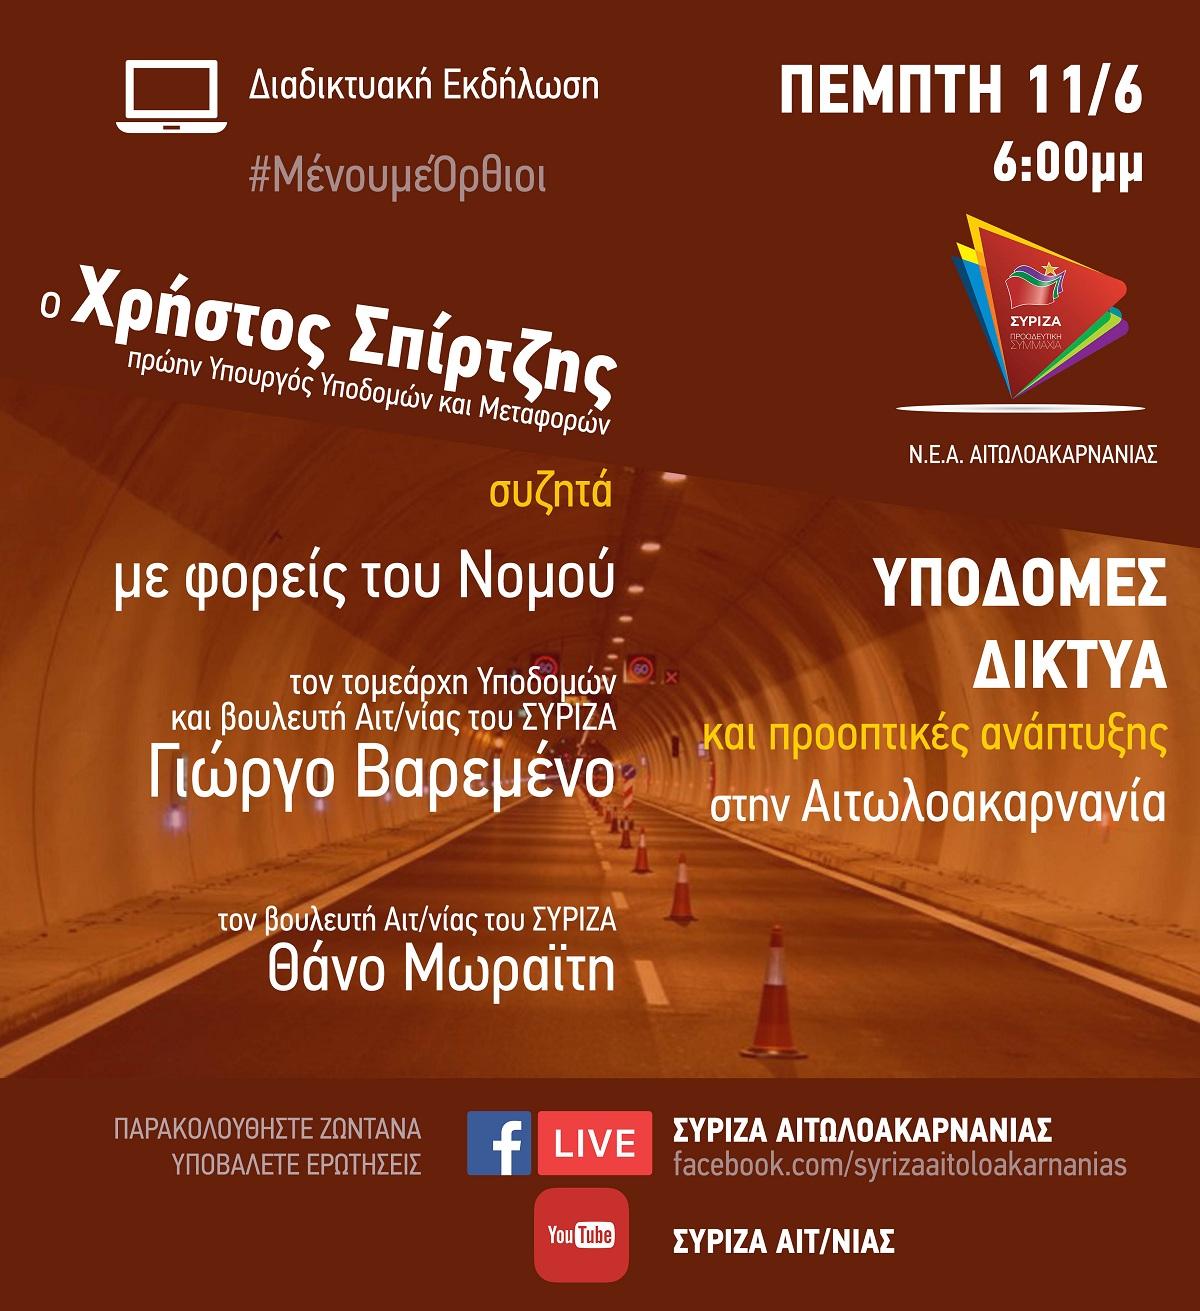 Διαδικτυακή εκδήλωση ΣΥΡΙΖΑ για τις υποδομές και τις προοπτικές ανάπτυξης στην Αιτωλοακαρνανία